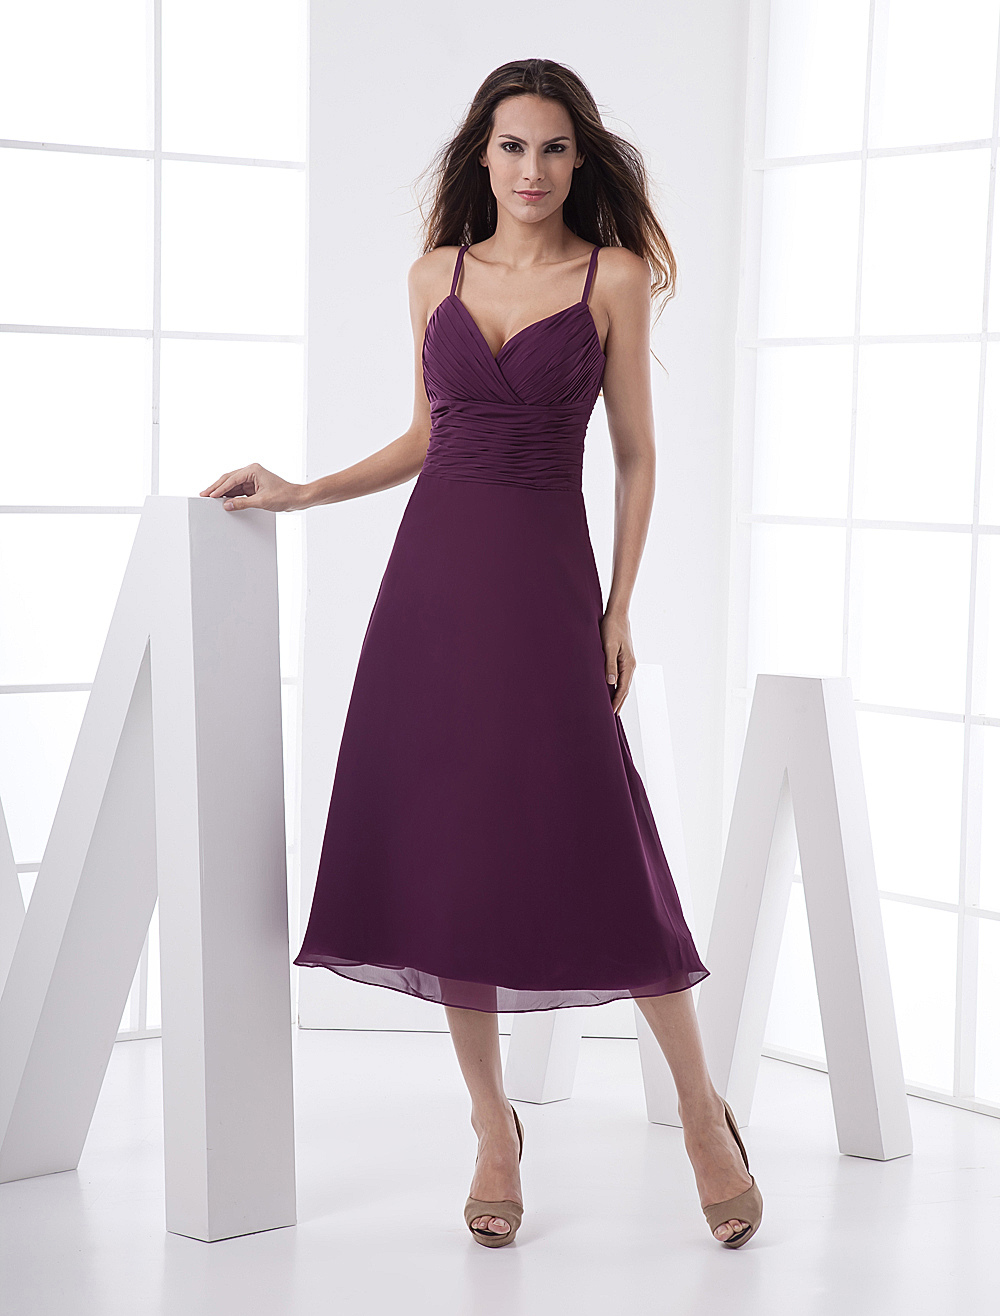 Spaghetti Sweetheart Wrapped Chiffon Prom Dress